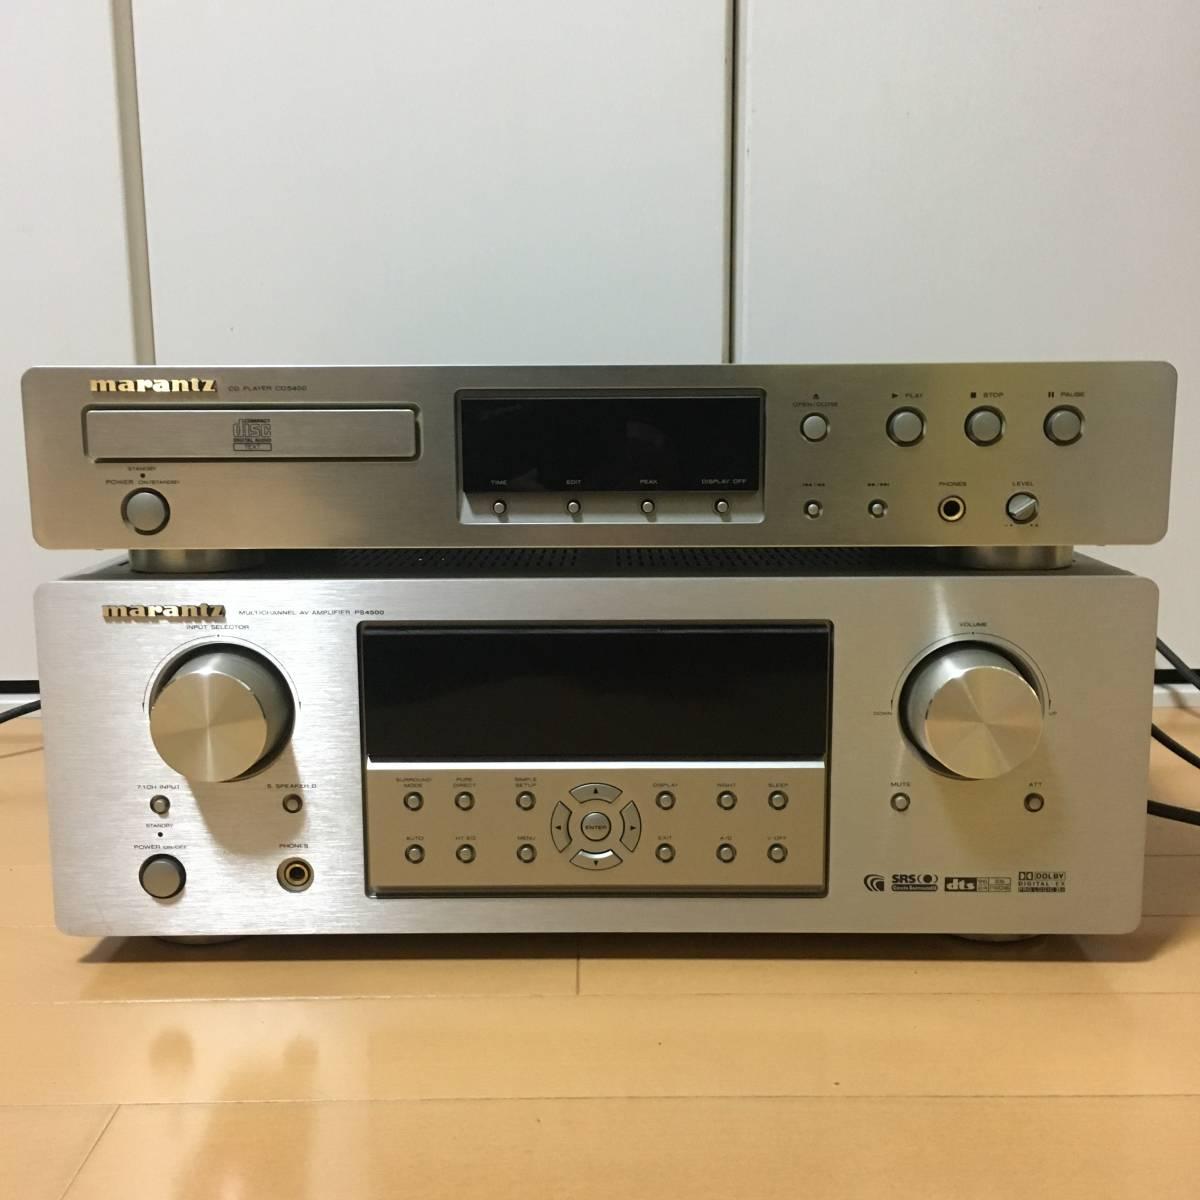 マランツ marantz CD5400 CDプレーヤー CDデッキ_画像8